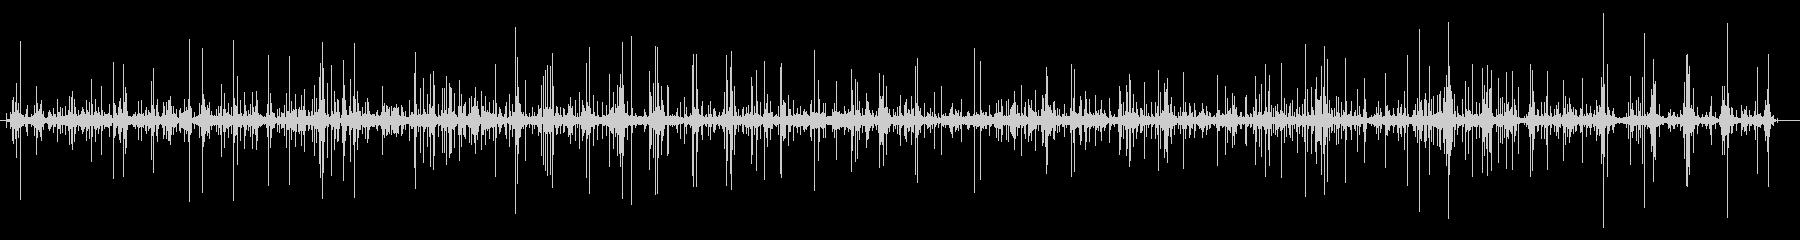 オルゴール フォーリー02-1(クランクの未再生の波形